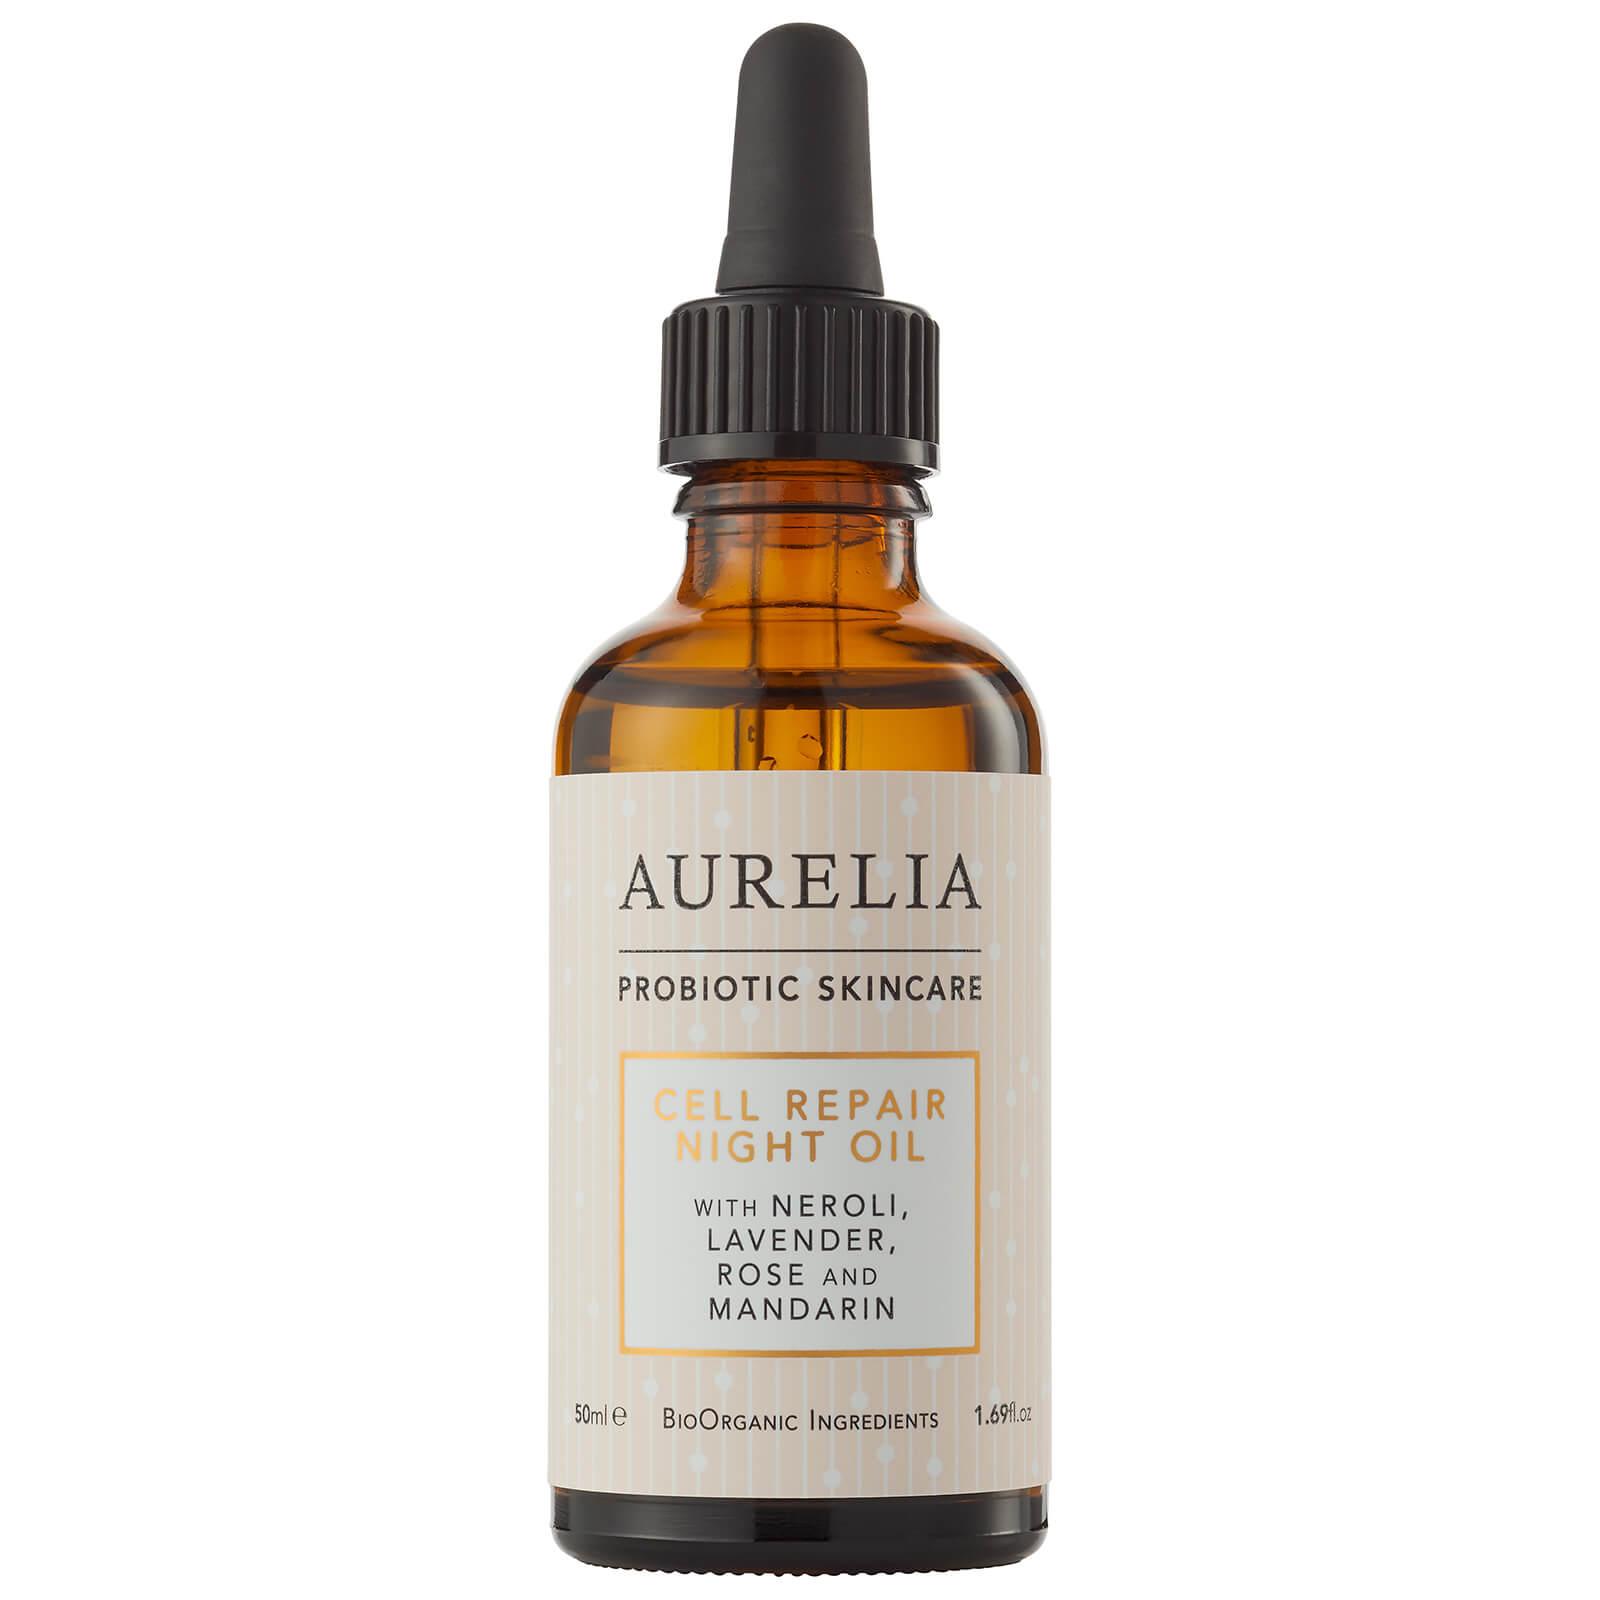 Aceite de Noche Aurelia Probiotics Skincare Cell Repair